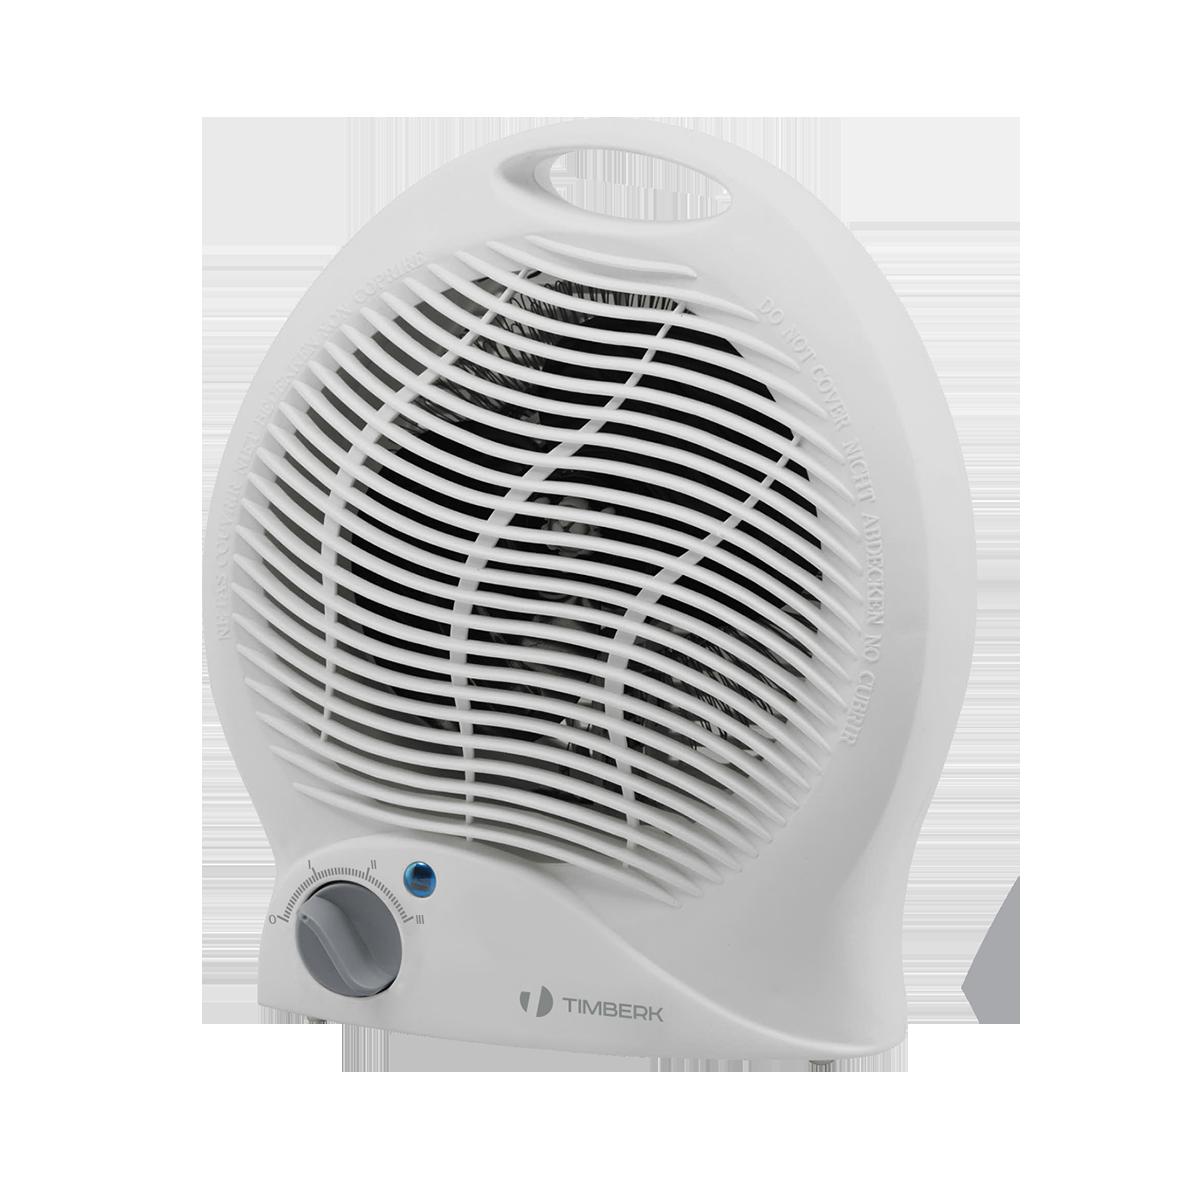 Тепловентилятор Timberk TFH S20SMUОбогреватели<br>Классический дизайн, лаконичная цветовая гамма<br>Удобная ручка для безопасного перемещения прибора<br>Режим работы «Охлаждение»<br>Защита от замерзания: тепловентилятор автоматически начинает обогрев при падении комнатной температуры ниже 5-70 С<br>Индикатор режимов работы прибора, голубая индикаторная лампа на панели управления<br><br>Тип: термовентилятор<br>Тип нагревательного элемента: электрическая спираль<br>Площадь обогрева, кв.м: 25<br>Отключение при перегреве: есть<br>Вентилятор : есть<br>Управление: механическое<br>Регулировка температуры: есть<br>Термостат: есть<br>Защита от мороза : есть<br>Выключатель со световым индикатором: есть